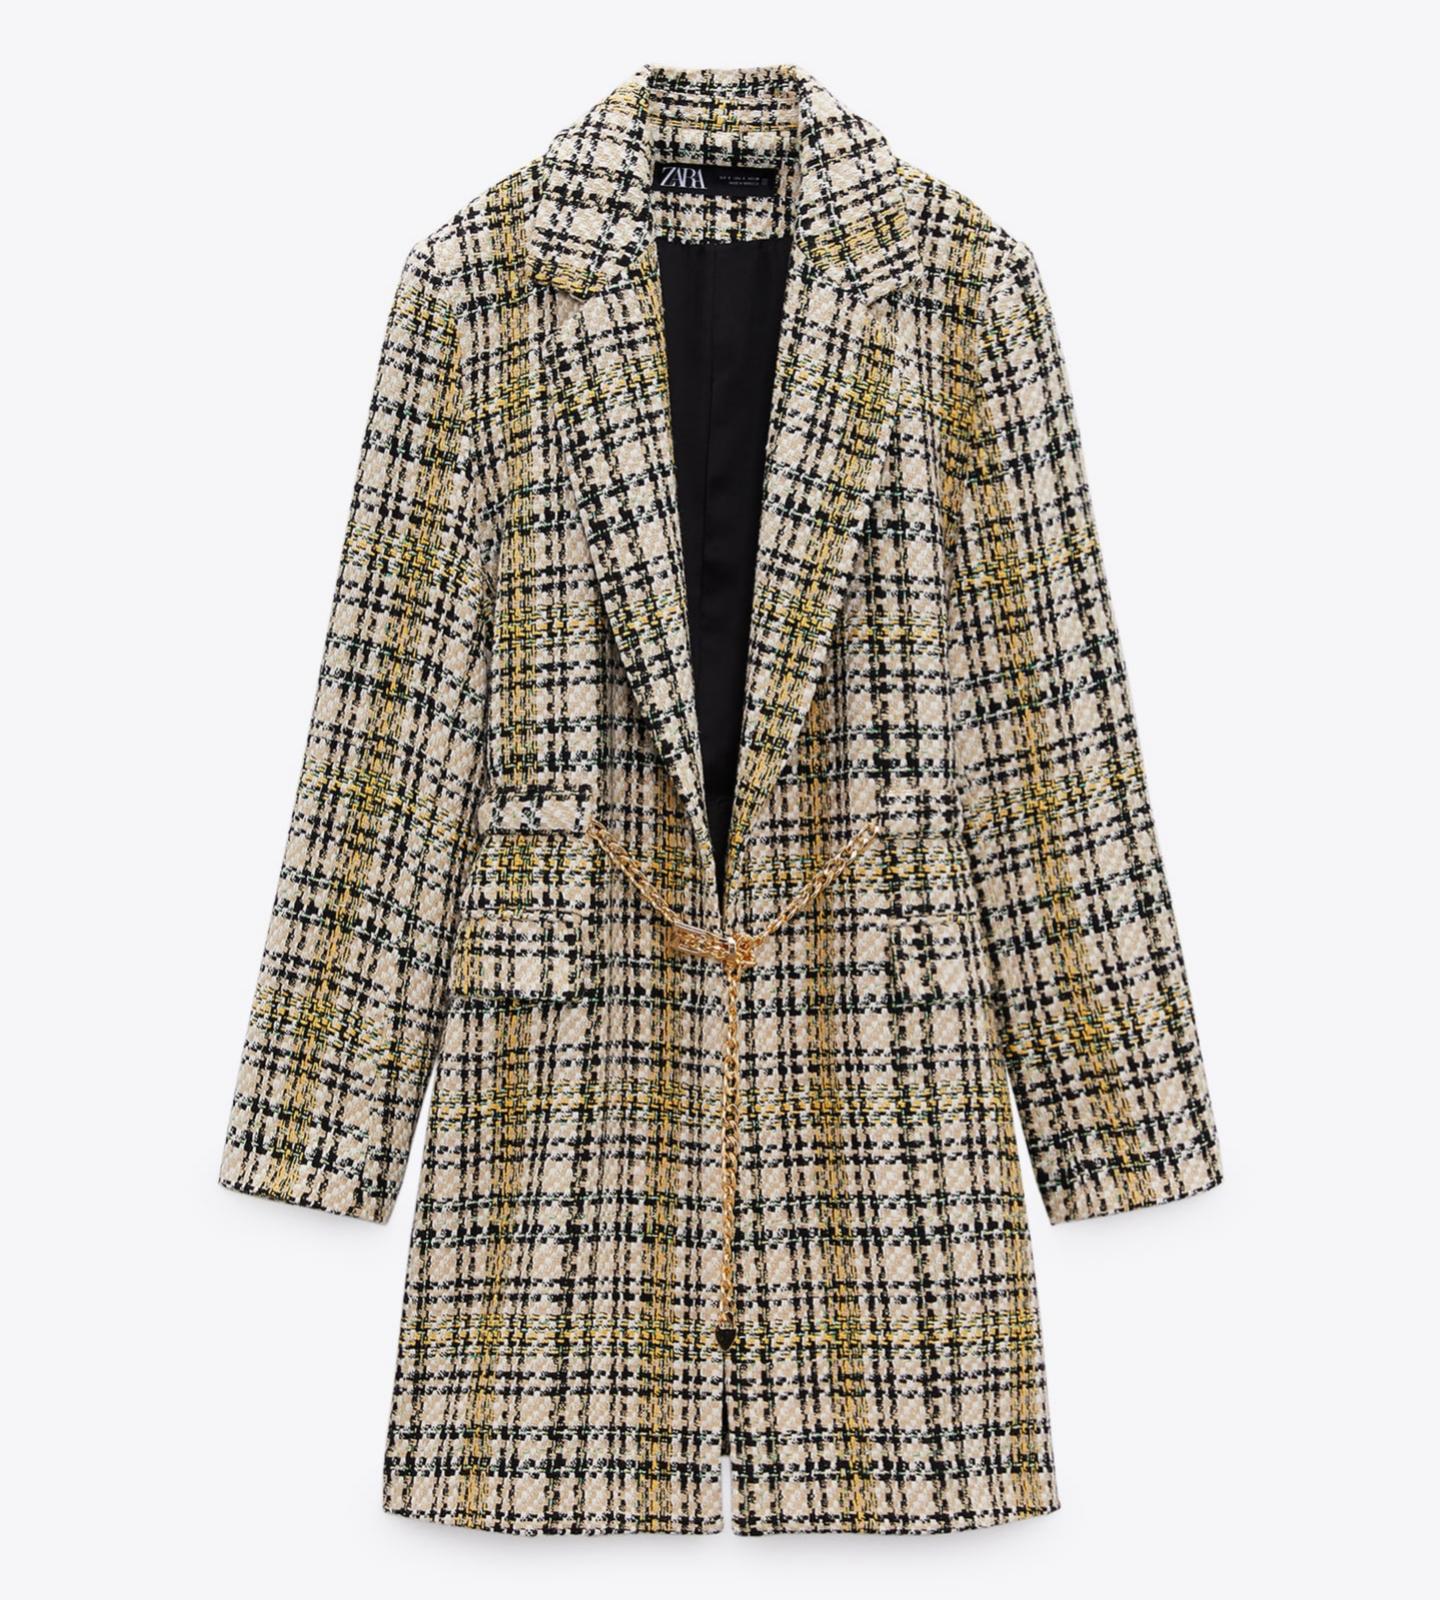 Uno más económico: abrigo estructura con cinduron dorado de cuello solapa y manga larga. Zara (69,95 euros).